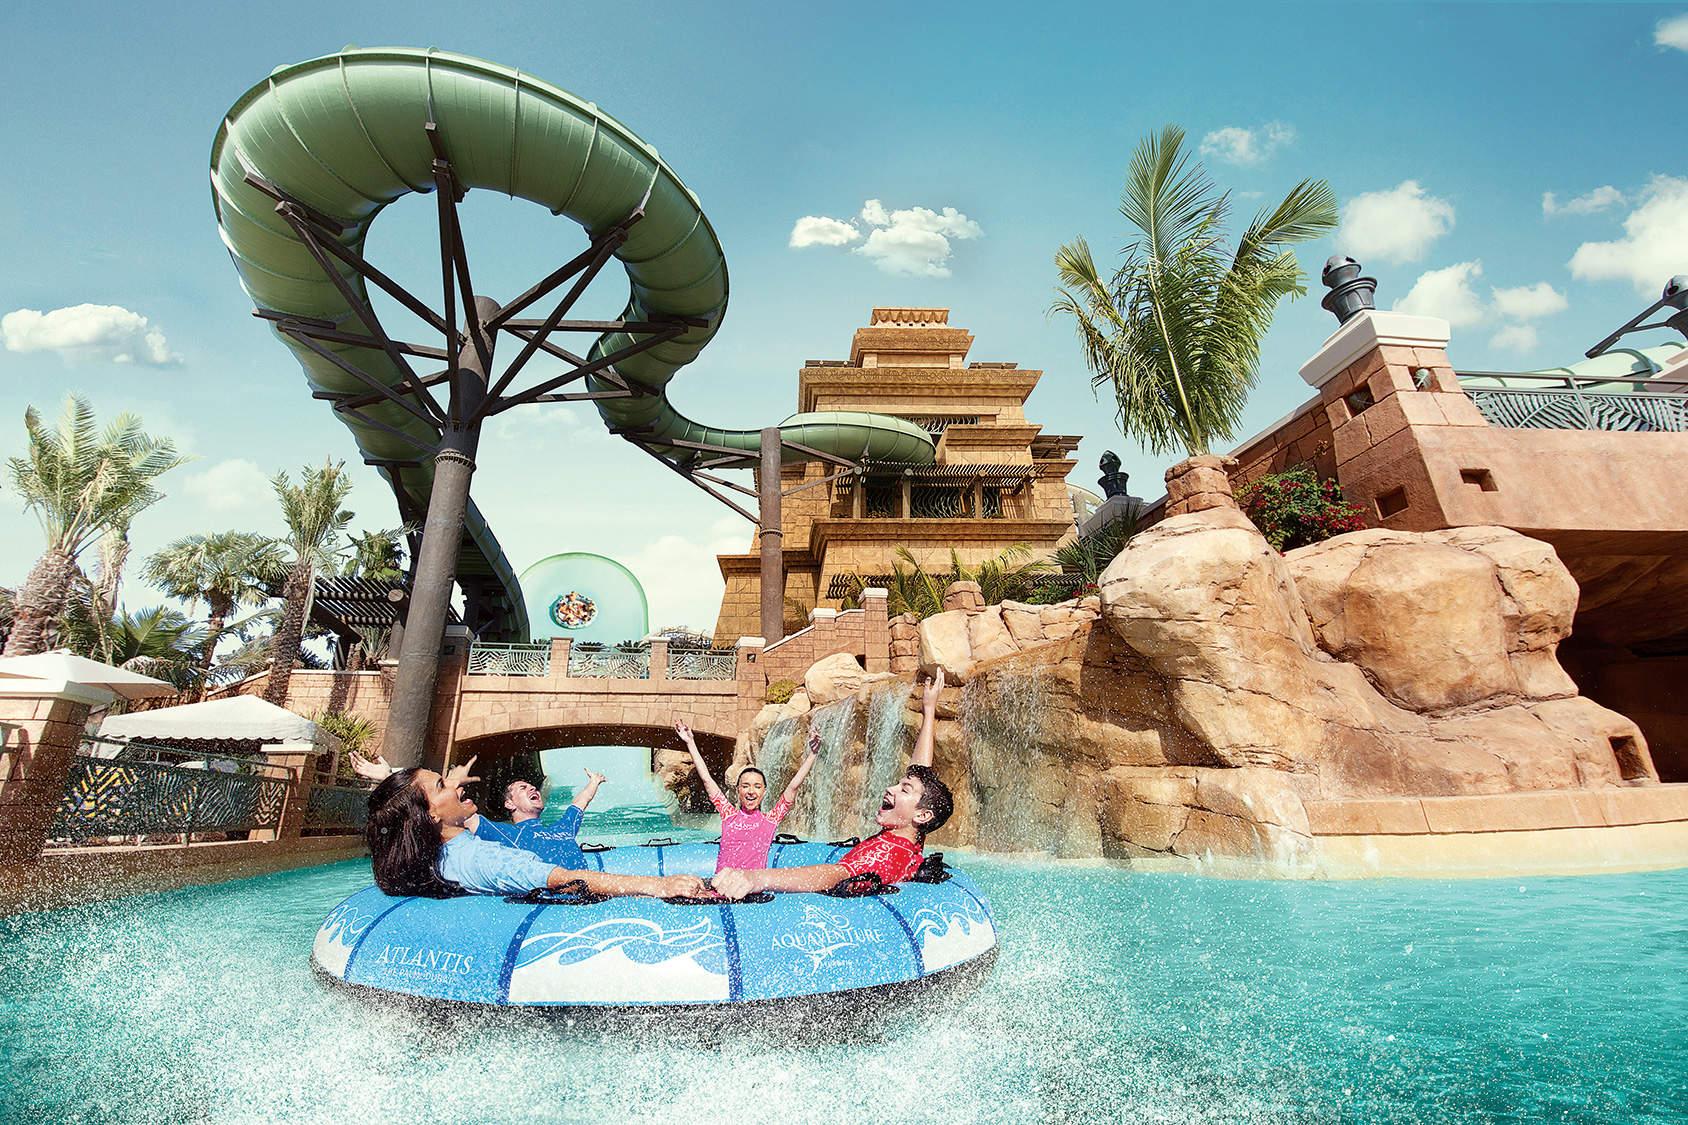 حديقة اكوافنتشر المائية فى مدينة دبى